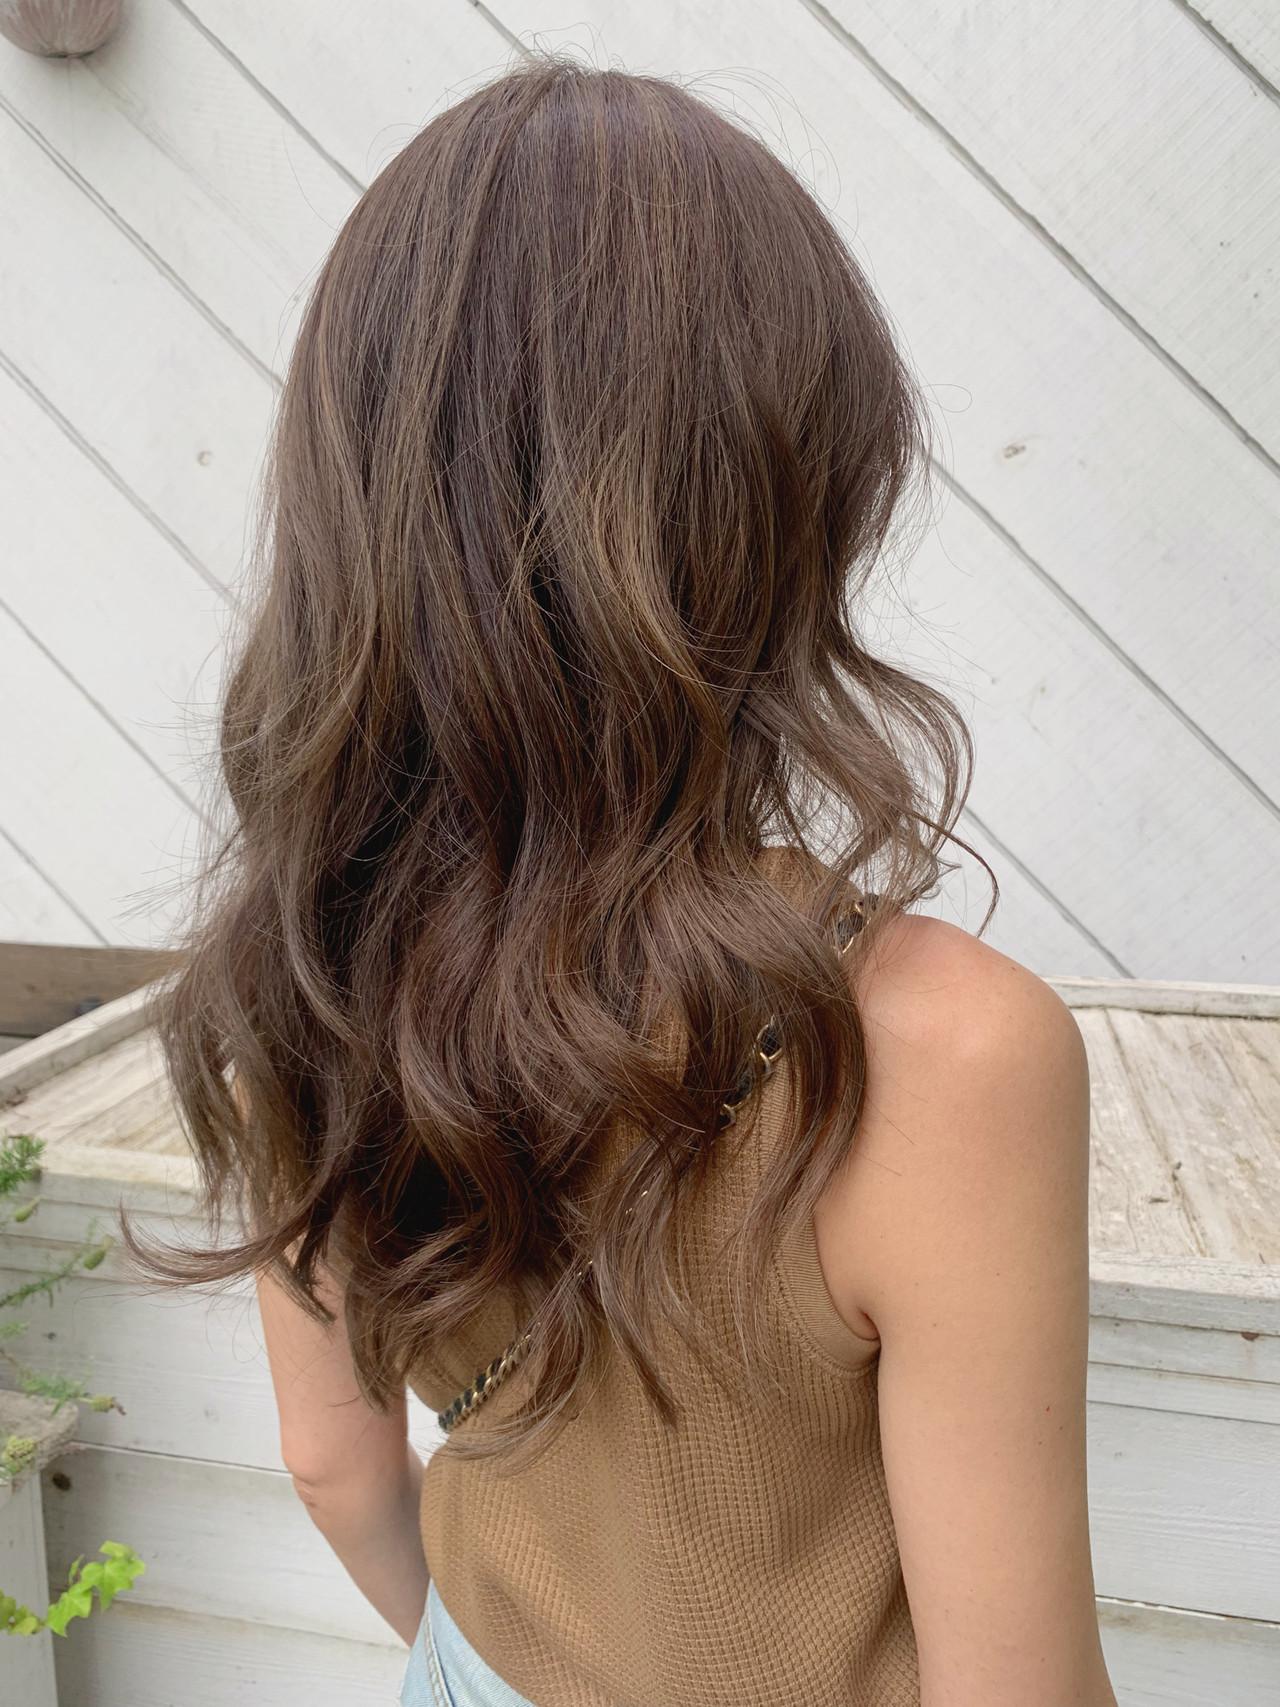 大人ハイライト バレイヤージュ 外国人風カラー ナチュラル ヘアスタイルや髪型の写真・画像 | KT / フリー